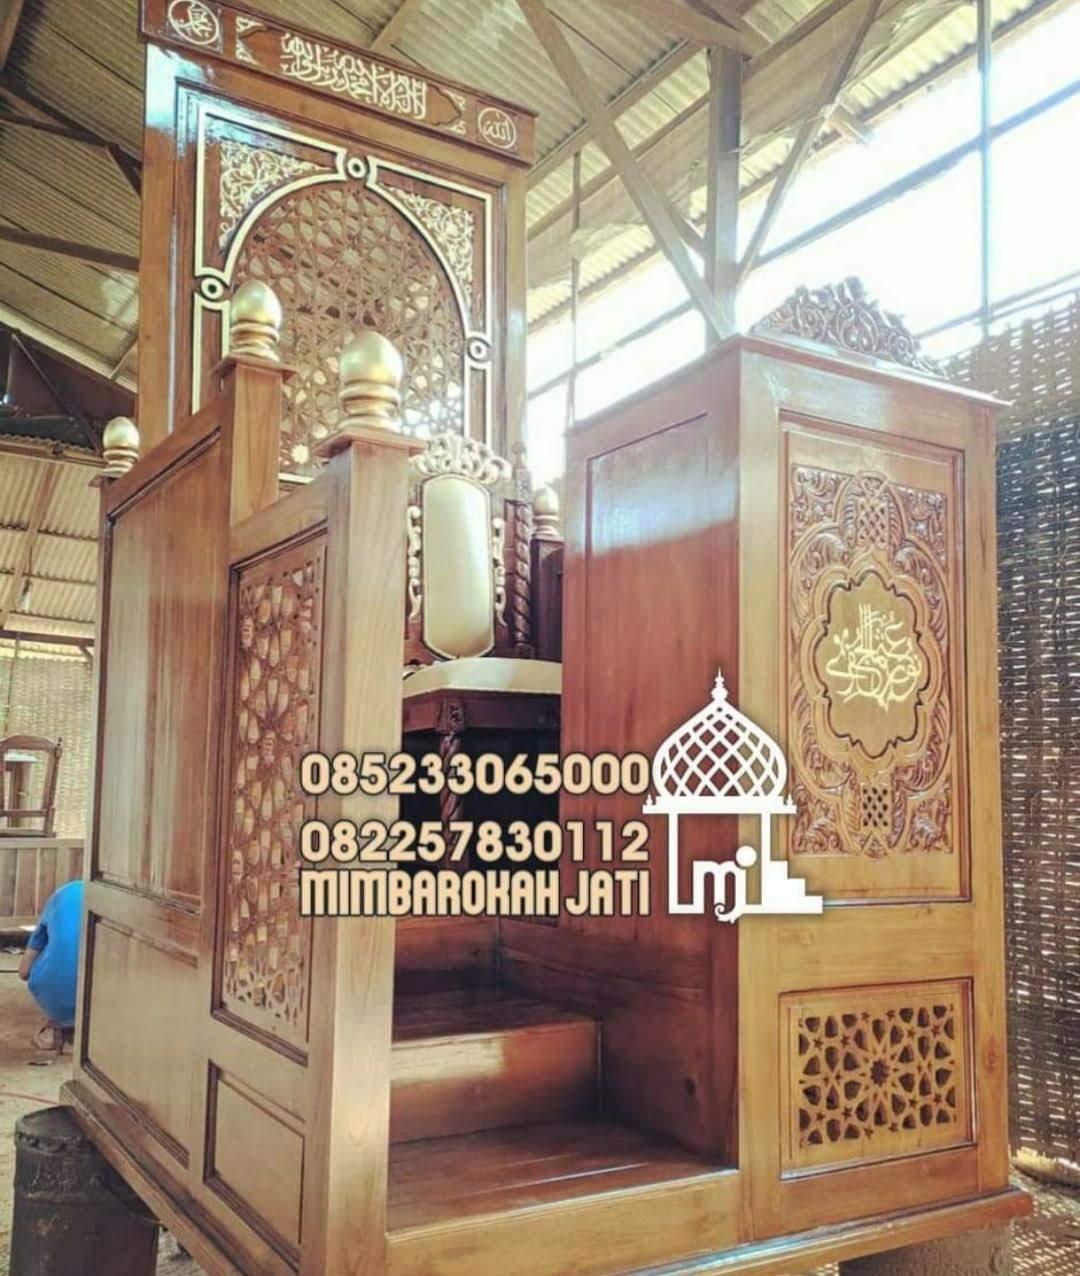 Mimbar Minimalis Ornamen Marocco Masjid Kota Singkawang